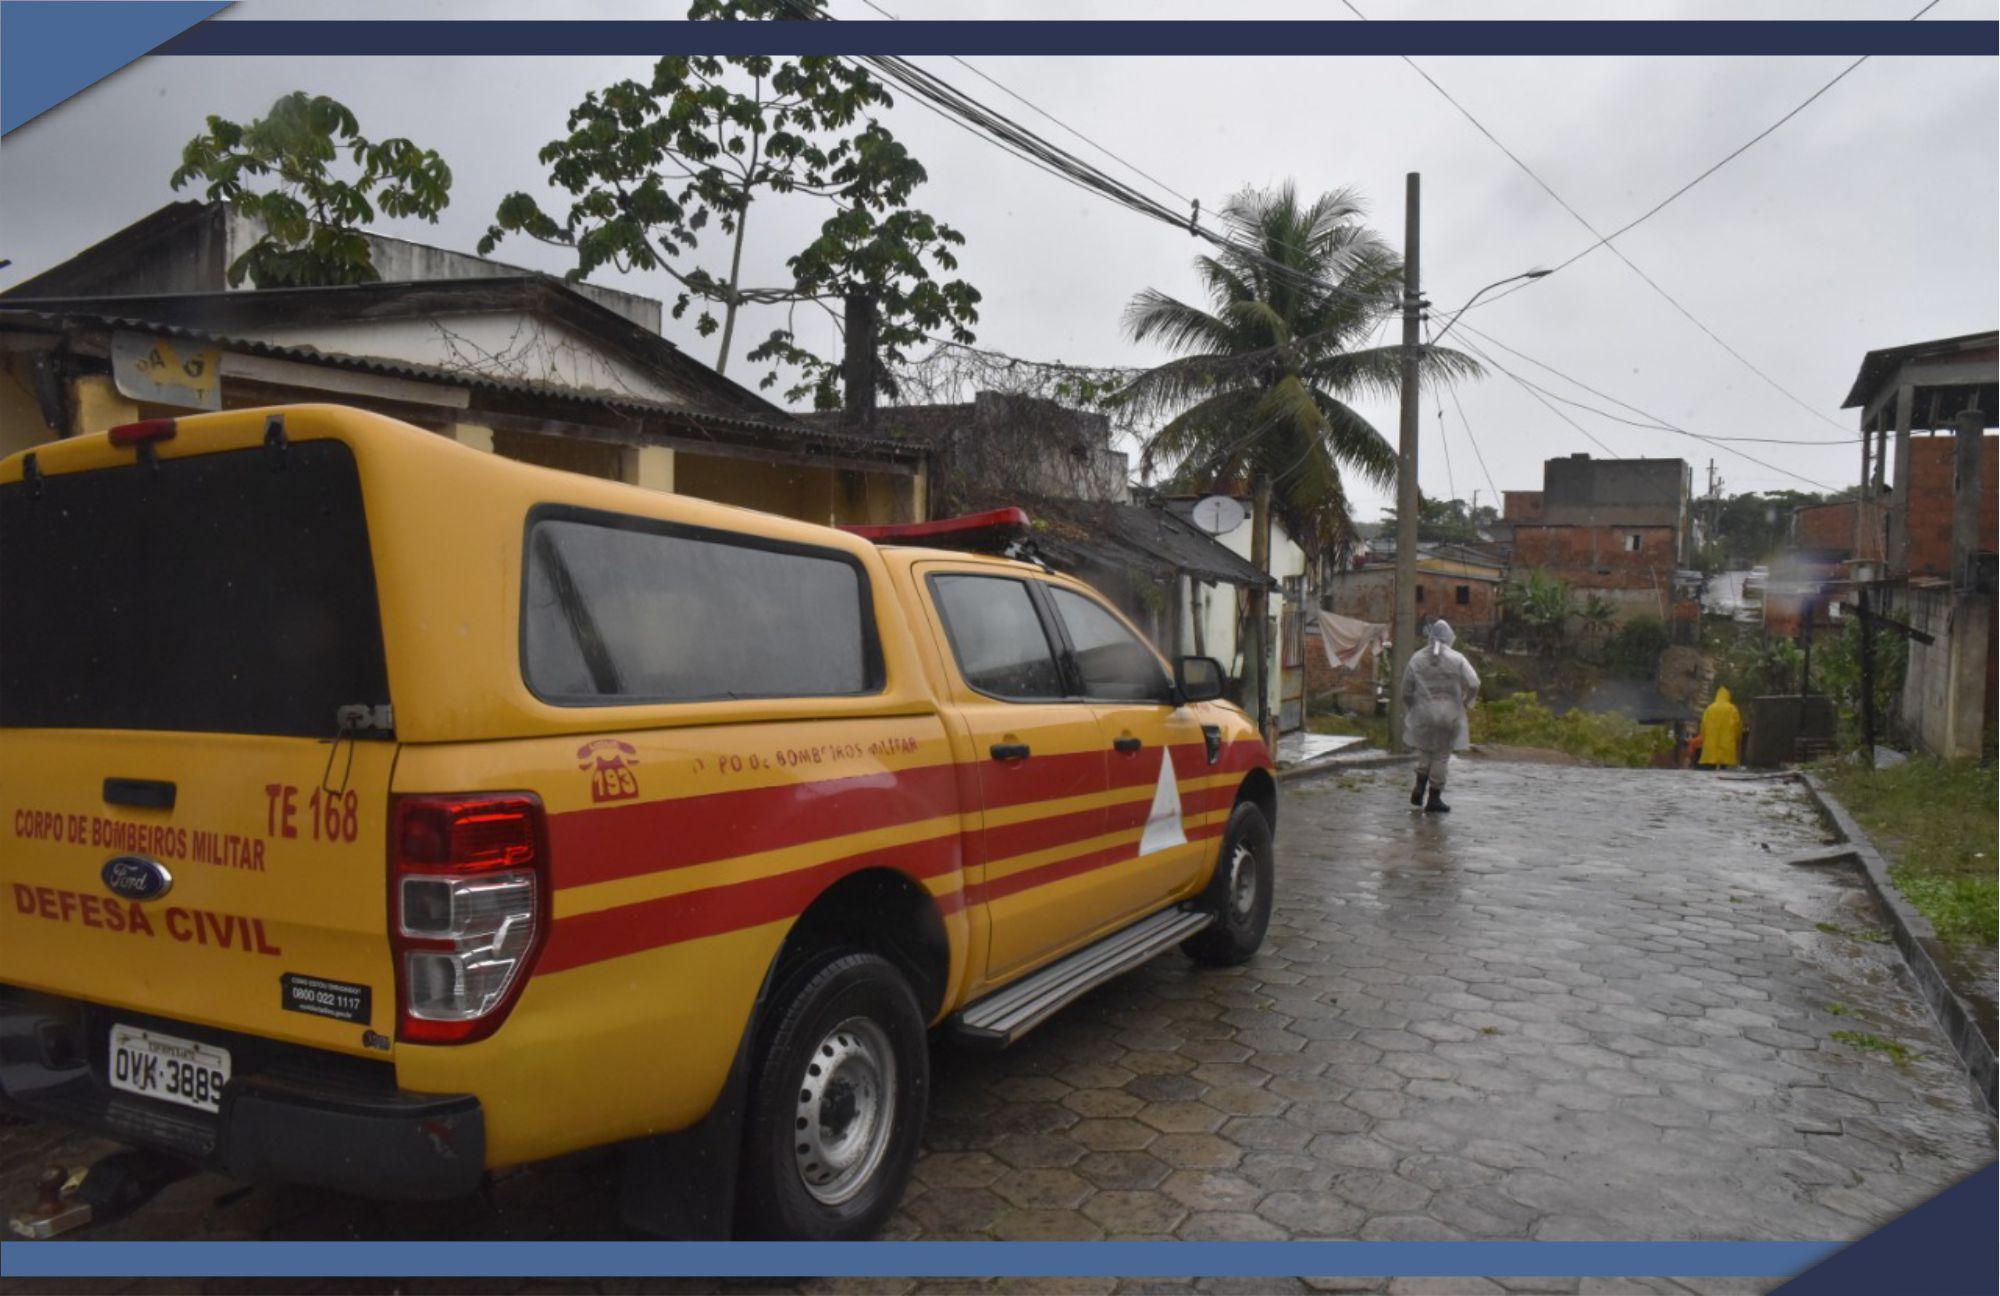 DEFESA CIVIL ATENDE FAMÍLIAS EM SITUAÇÃO DE RISCO EM SÃO MATEUS